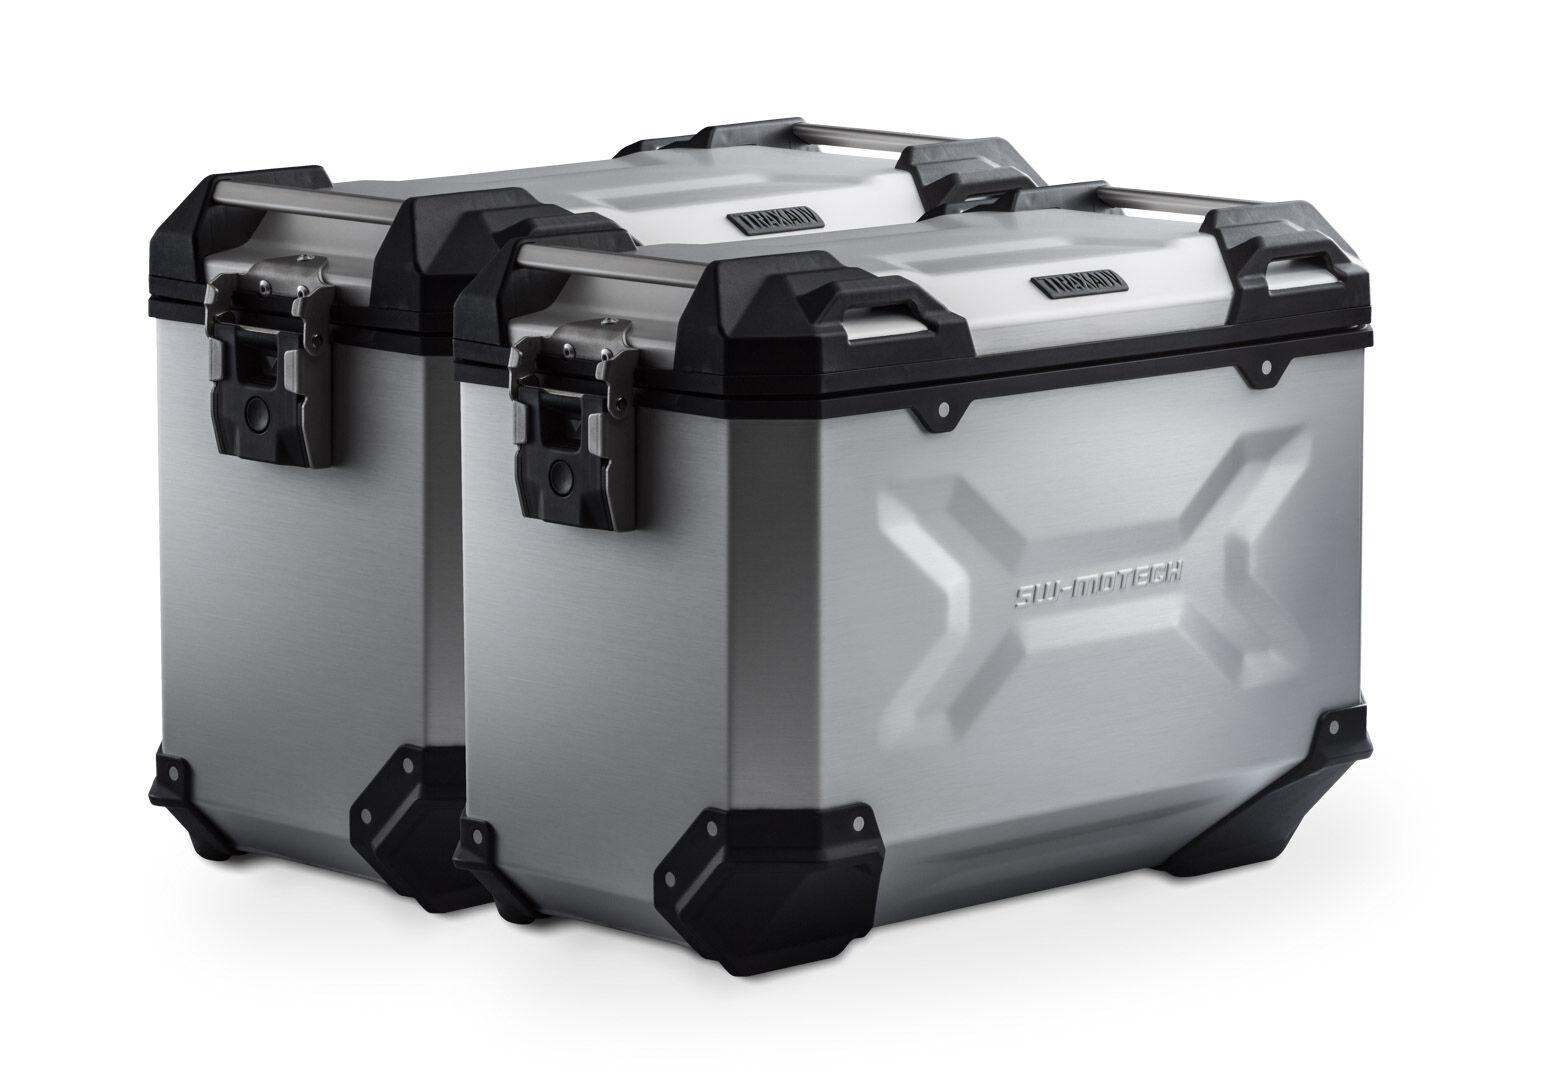 SW-Motech Sistema de maletas TRAX ADV - Plateado. 45/45 l. Suzuki DL 650 (17-).